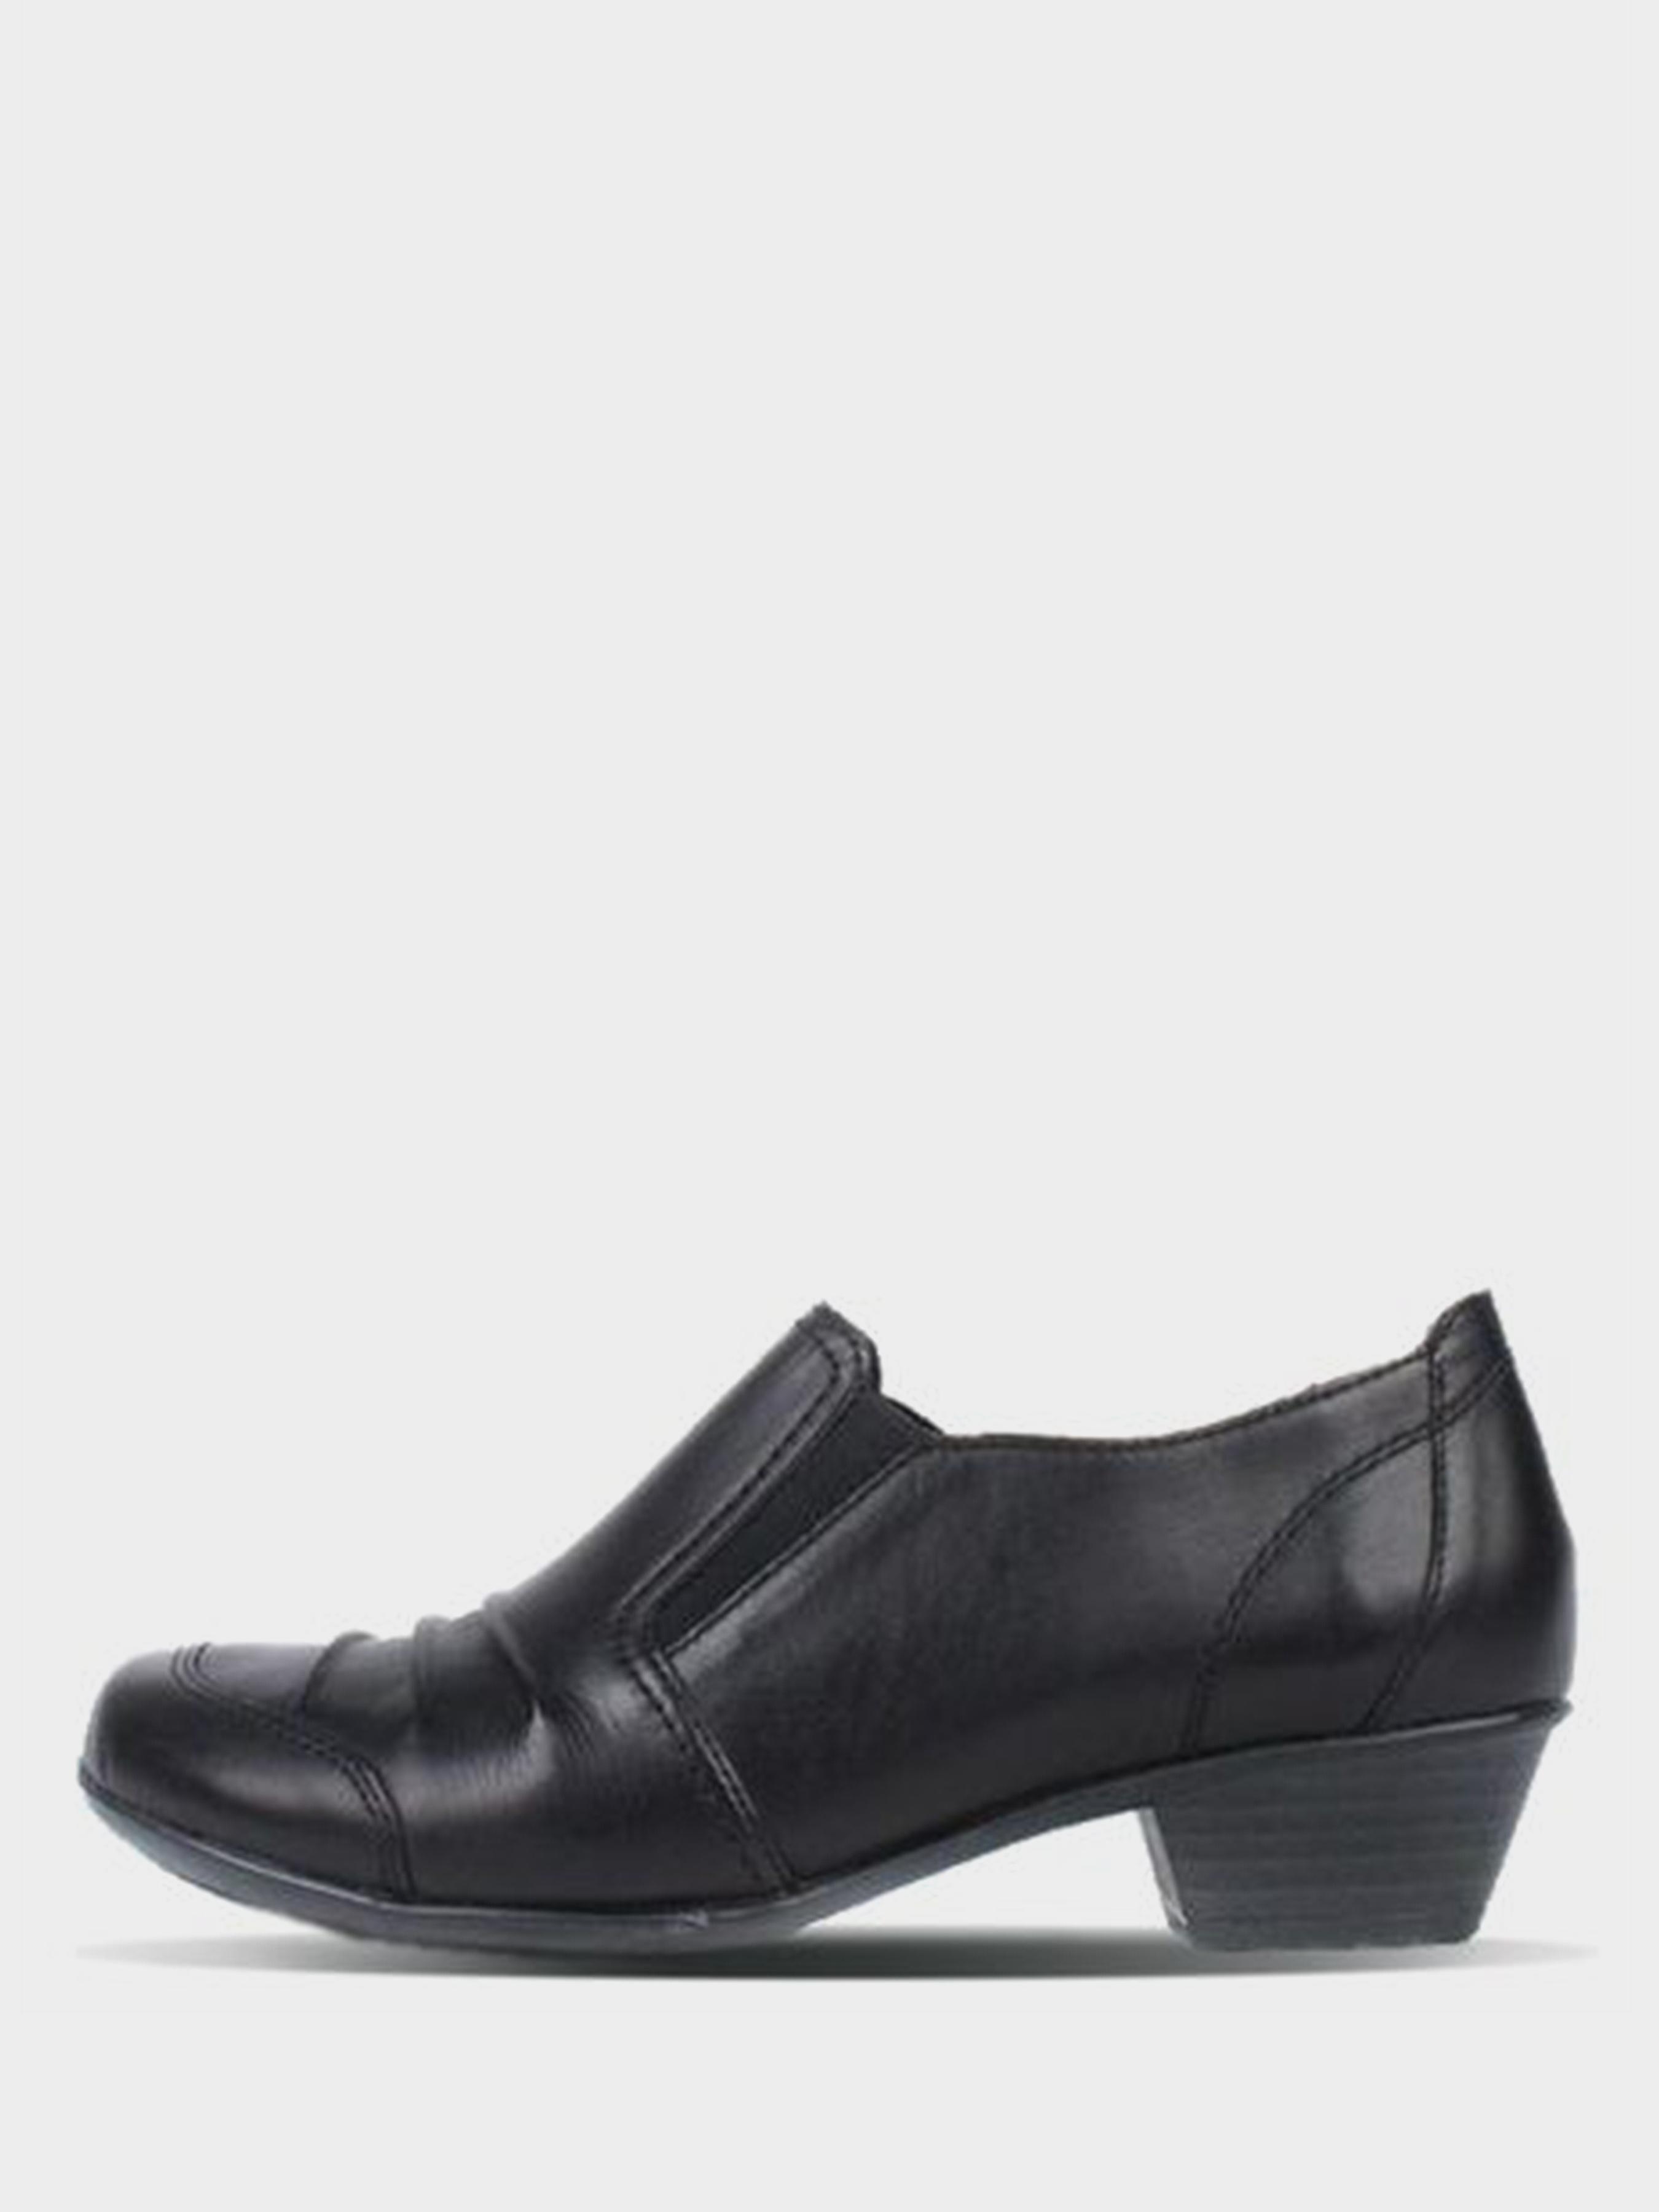 Туфли женские Remonte туфлі жін. (36-42) RD37 в Украине, 2017